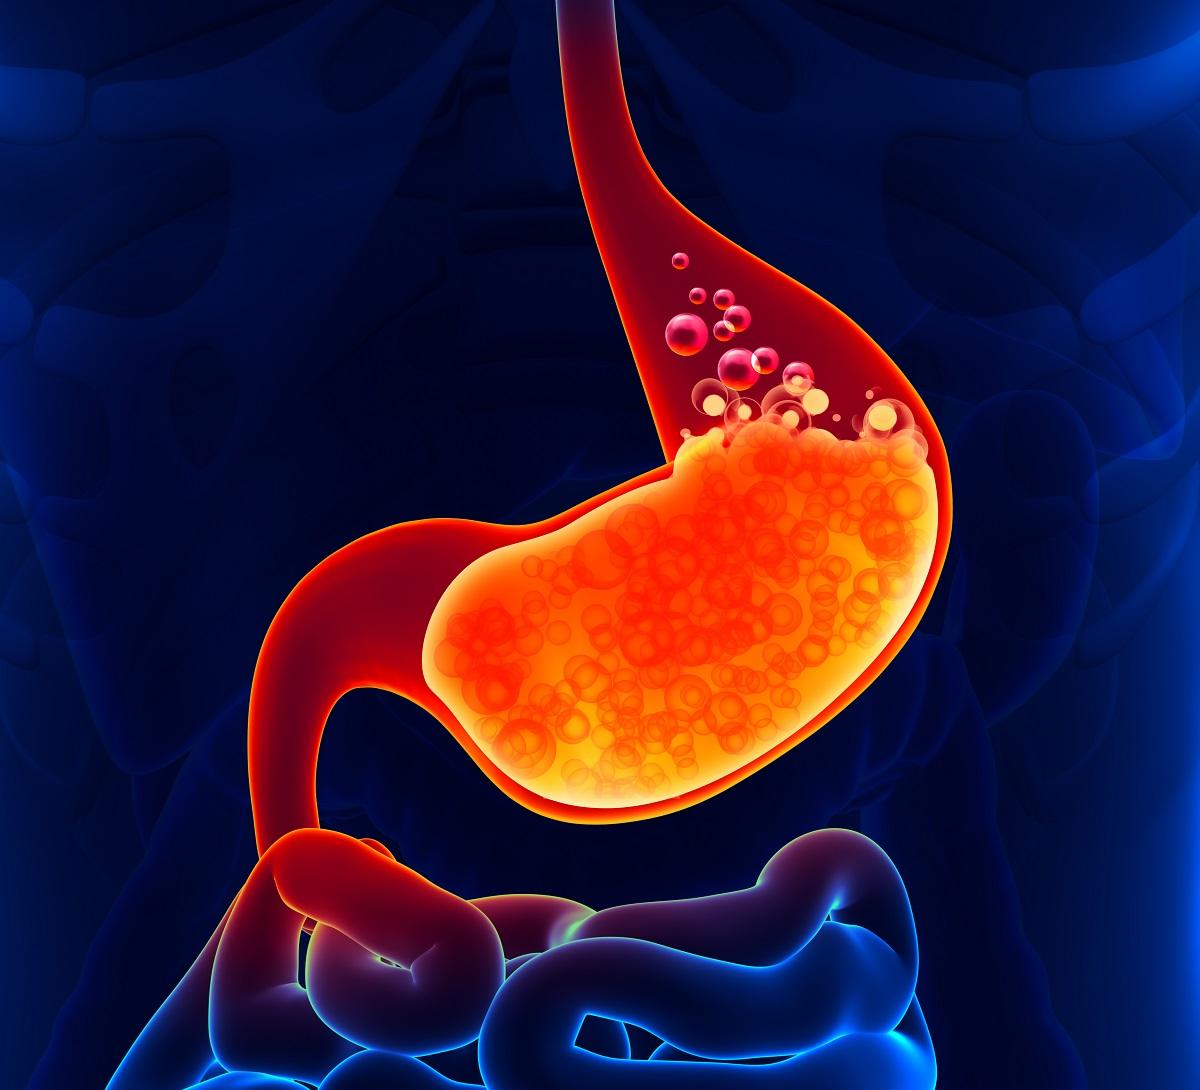 胃癌早期有6大信号,占一个也要小心为妙